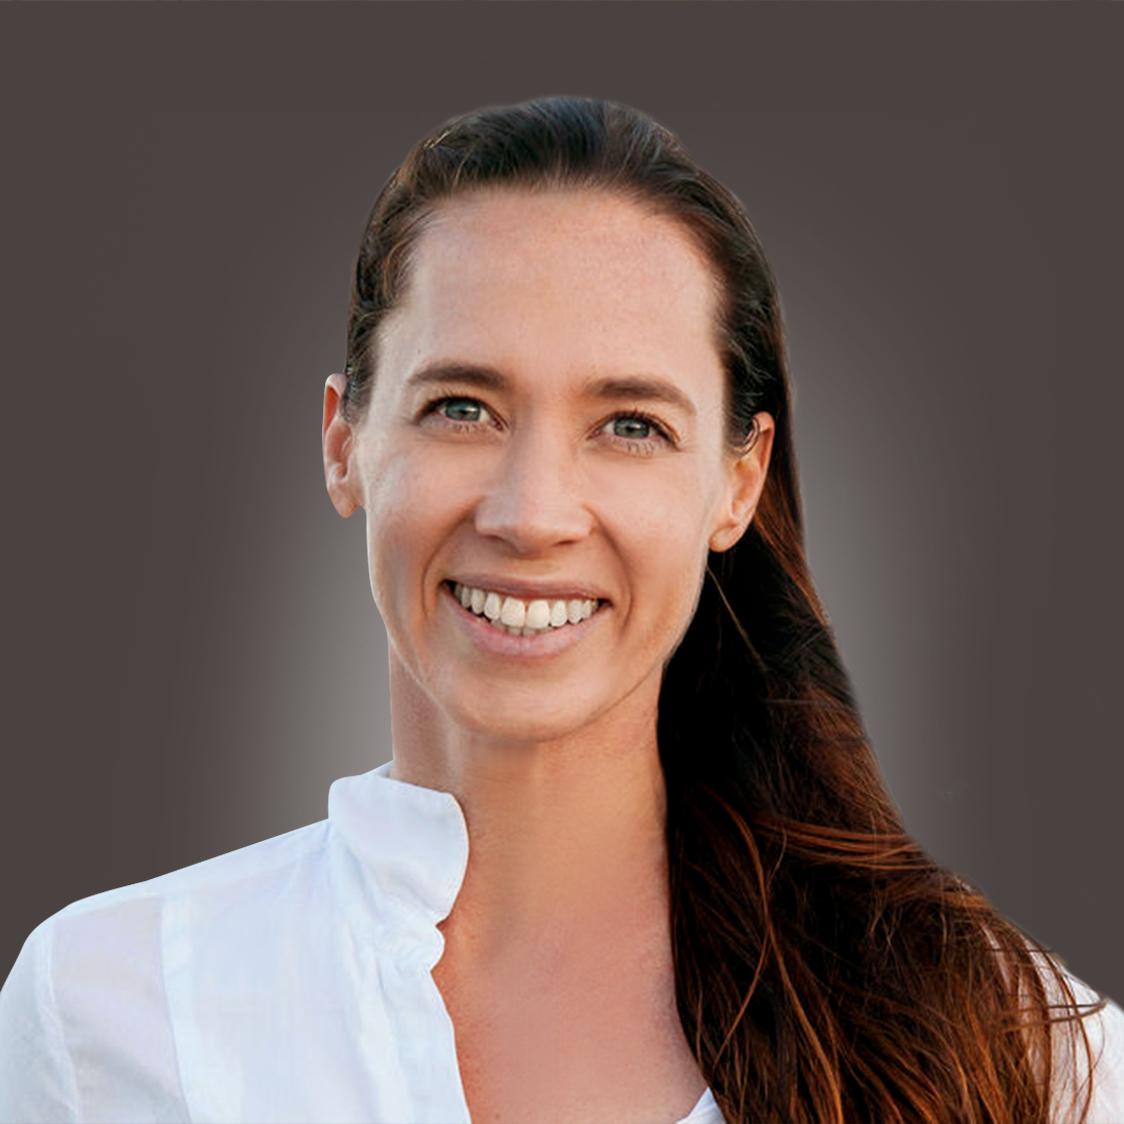 Michelle Gathercole